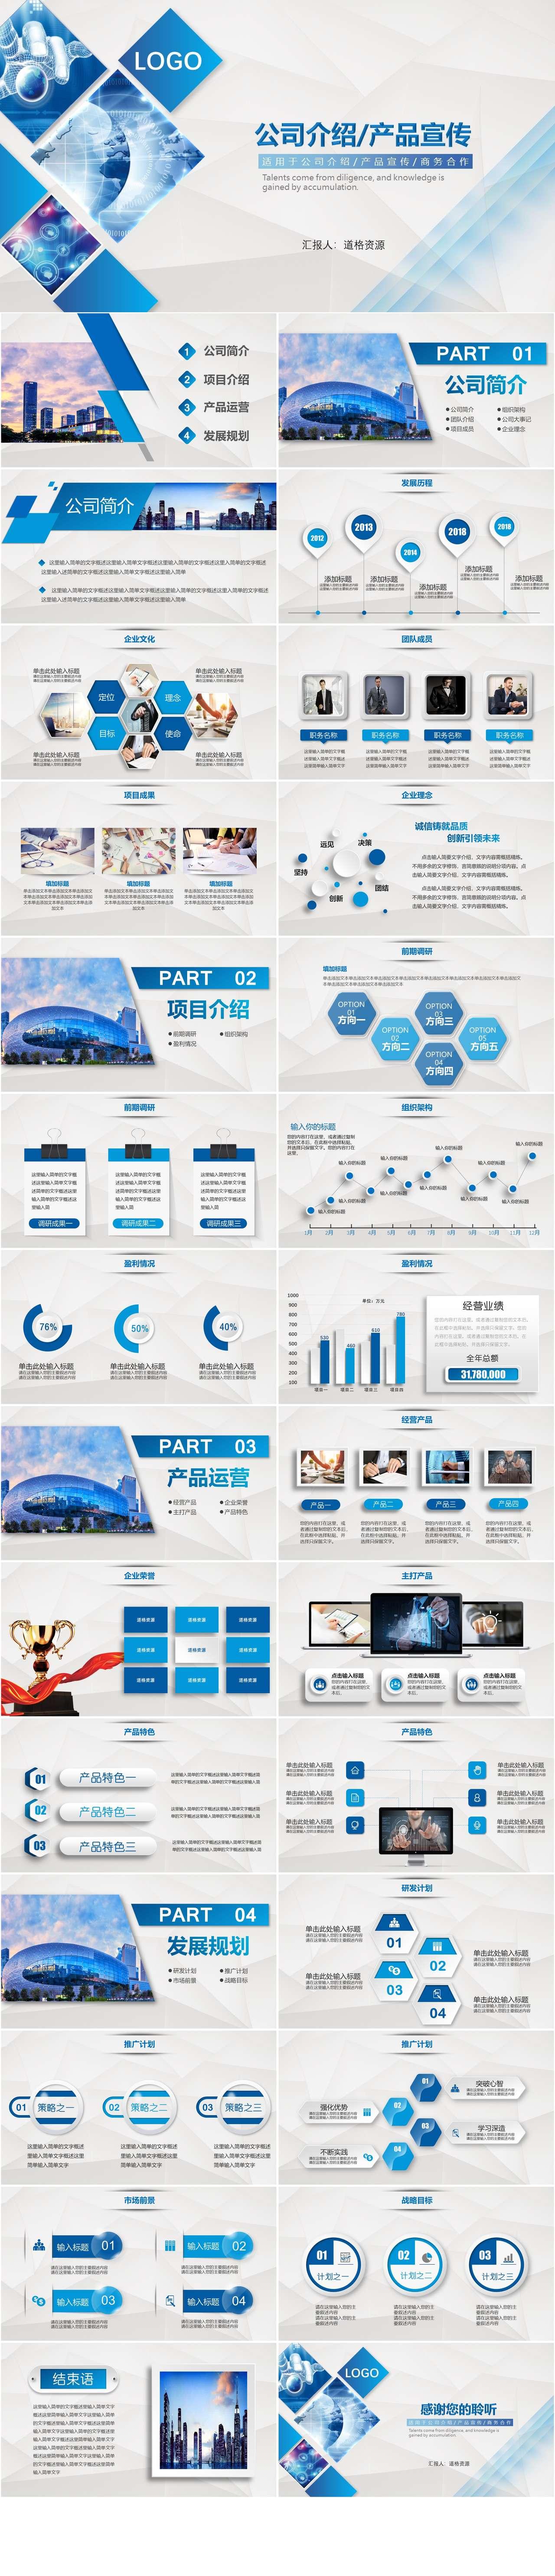 蓝色简约公司介绍企业宣传推广PPT模板插图1